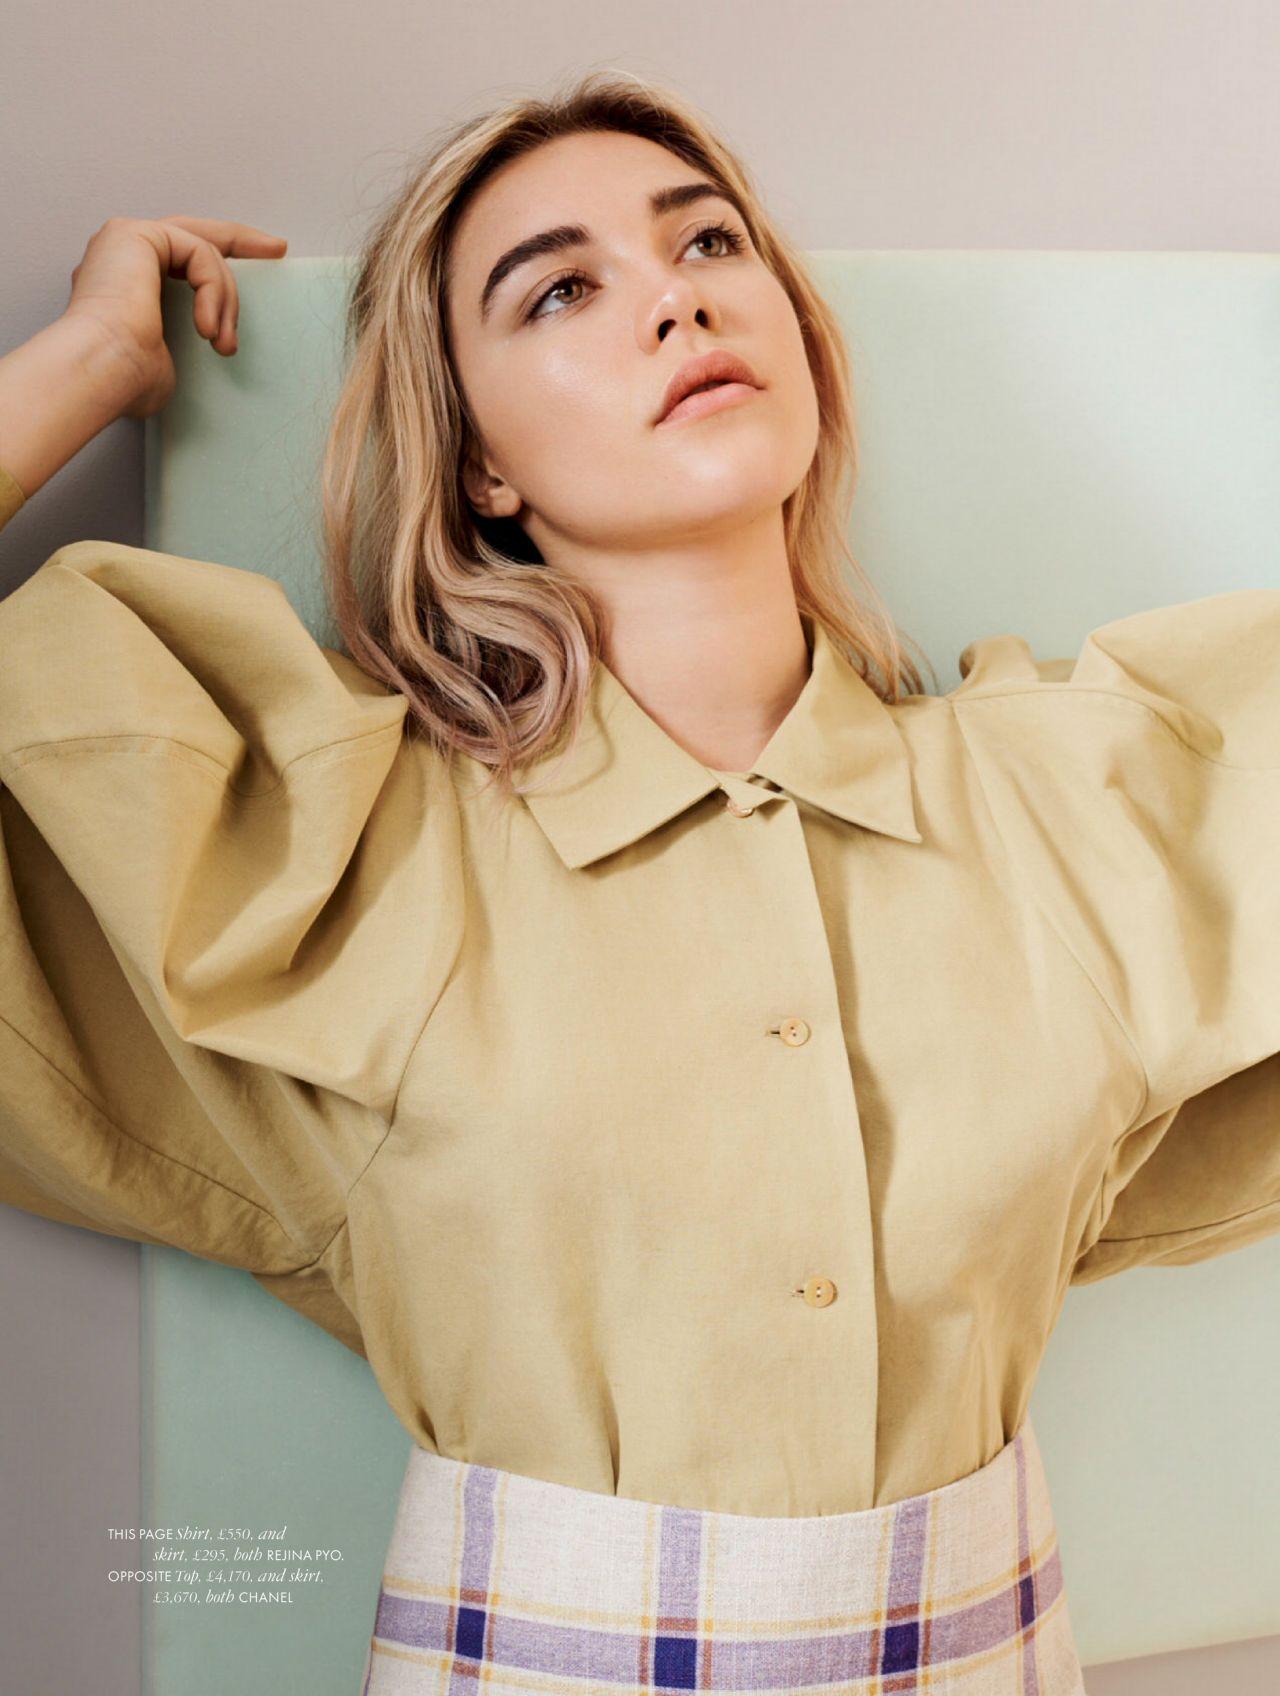 florence-pugh-in-rejina-pyo-elle-magazine-uk-june-2020-issue